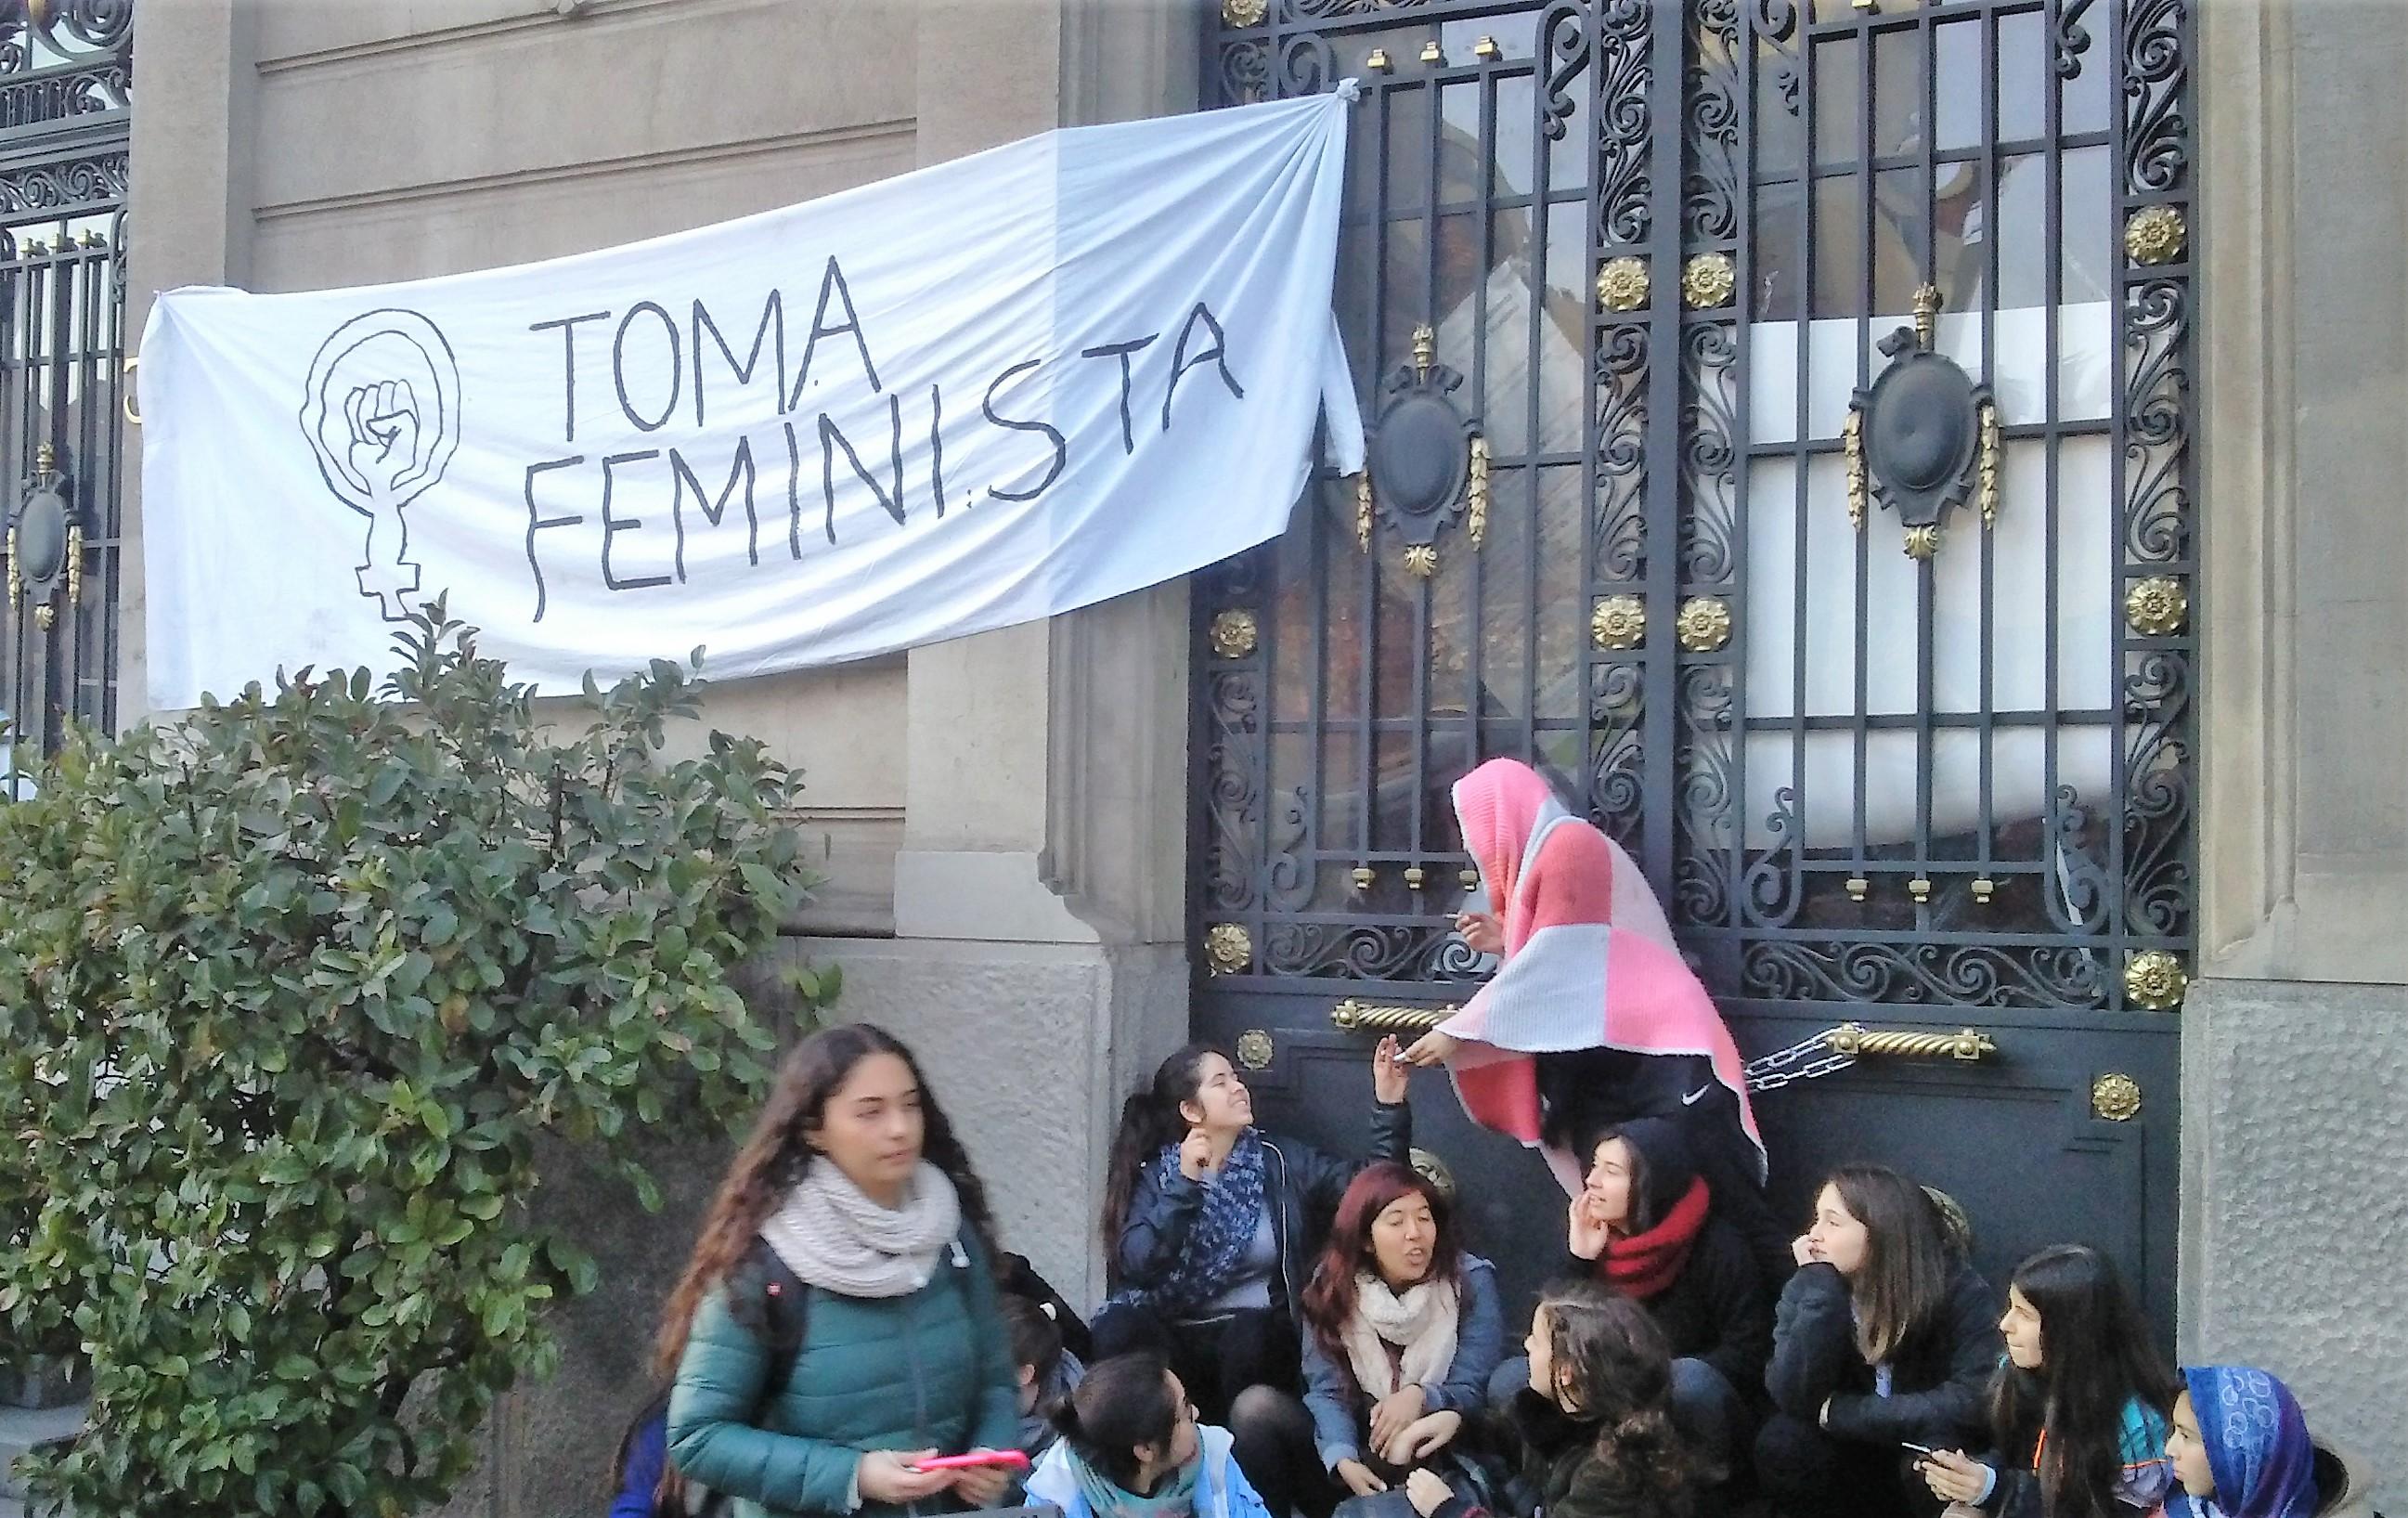 Las demandas no escuchadas de la toma feminista en la UC